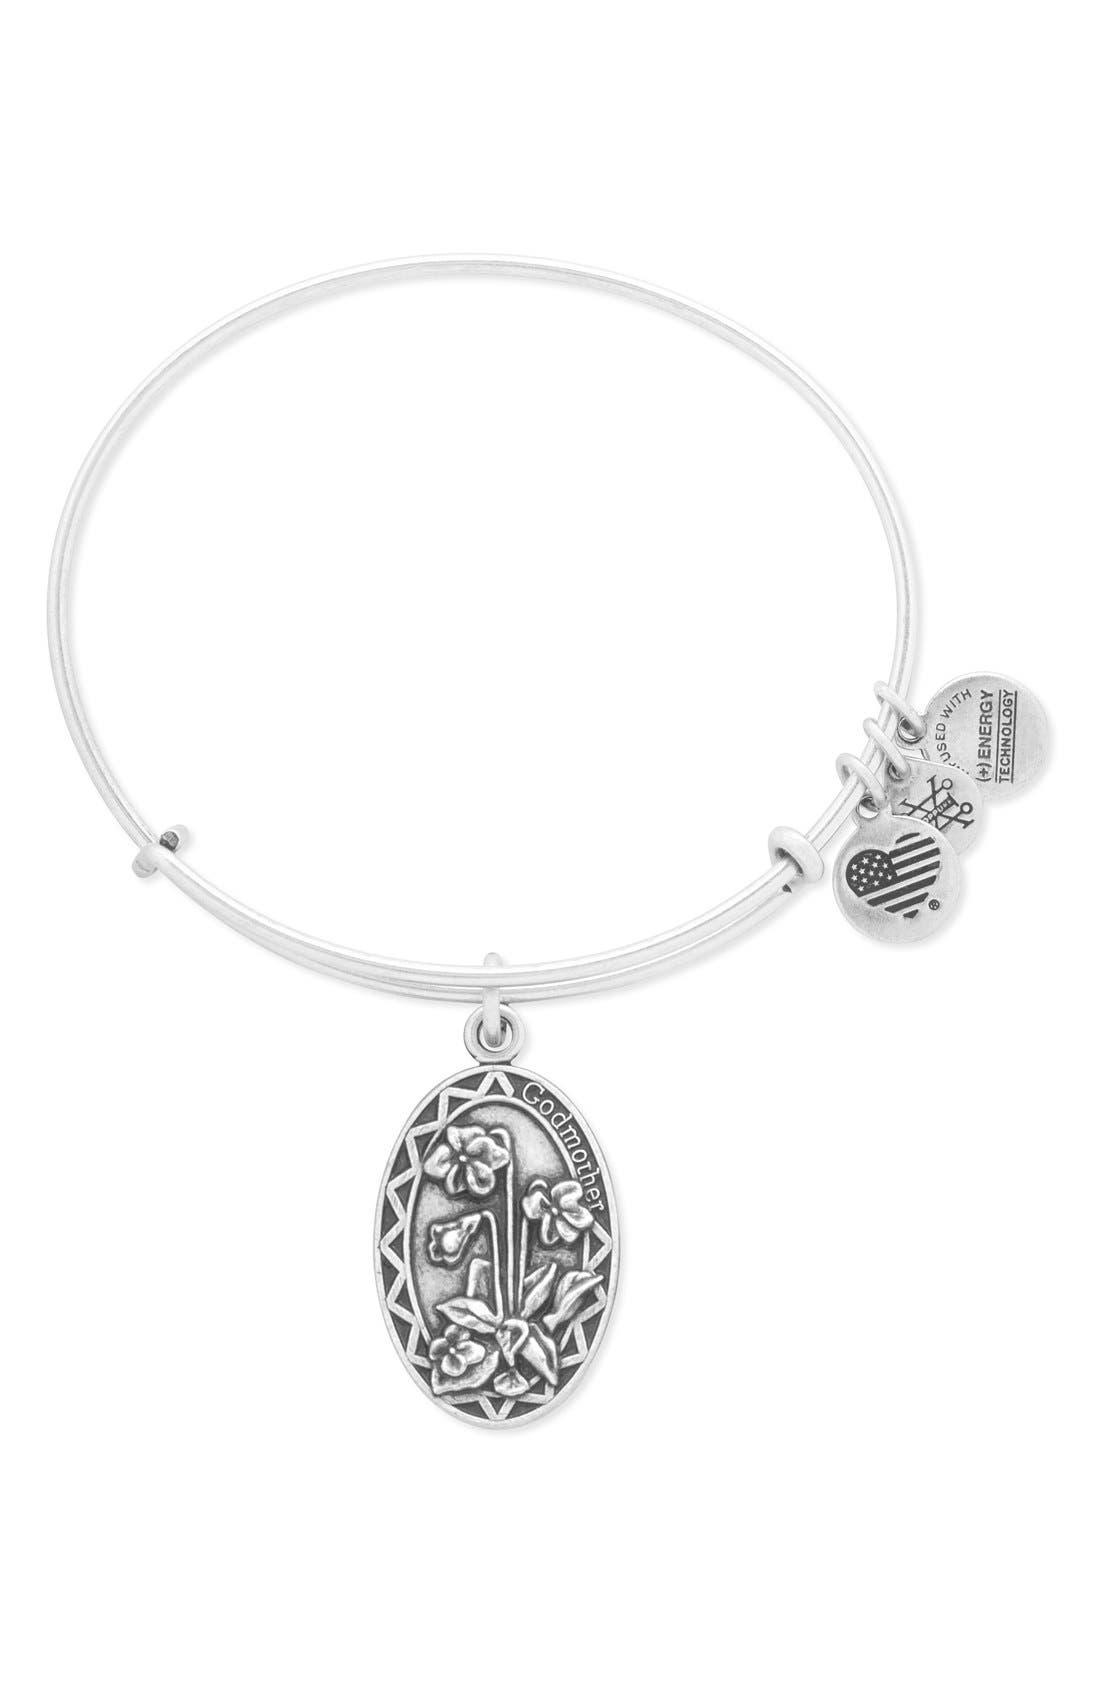 Alex and Ani 'Godmother' Bangle Bracelet